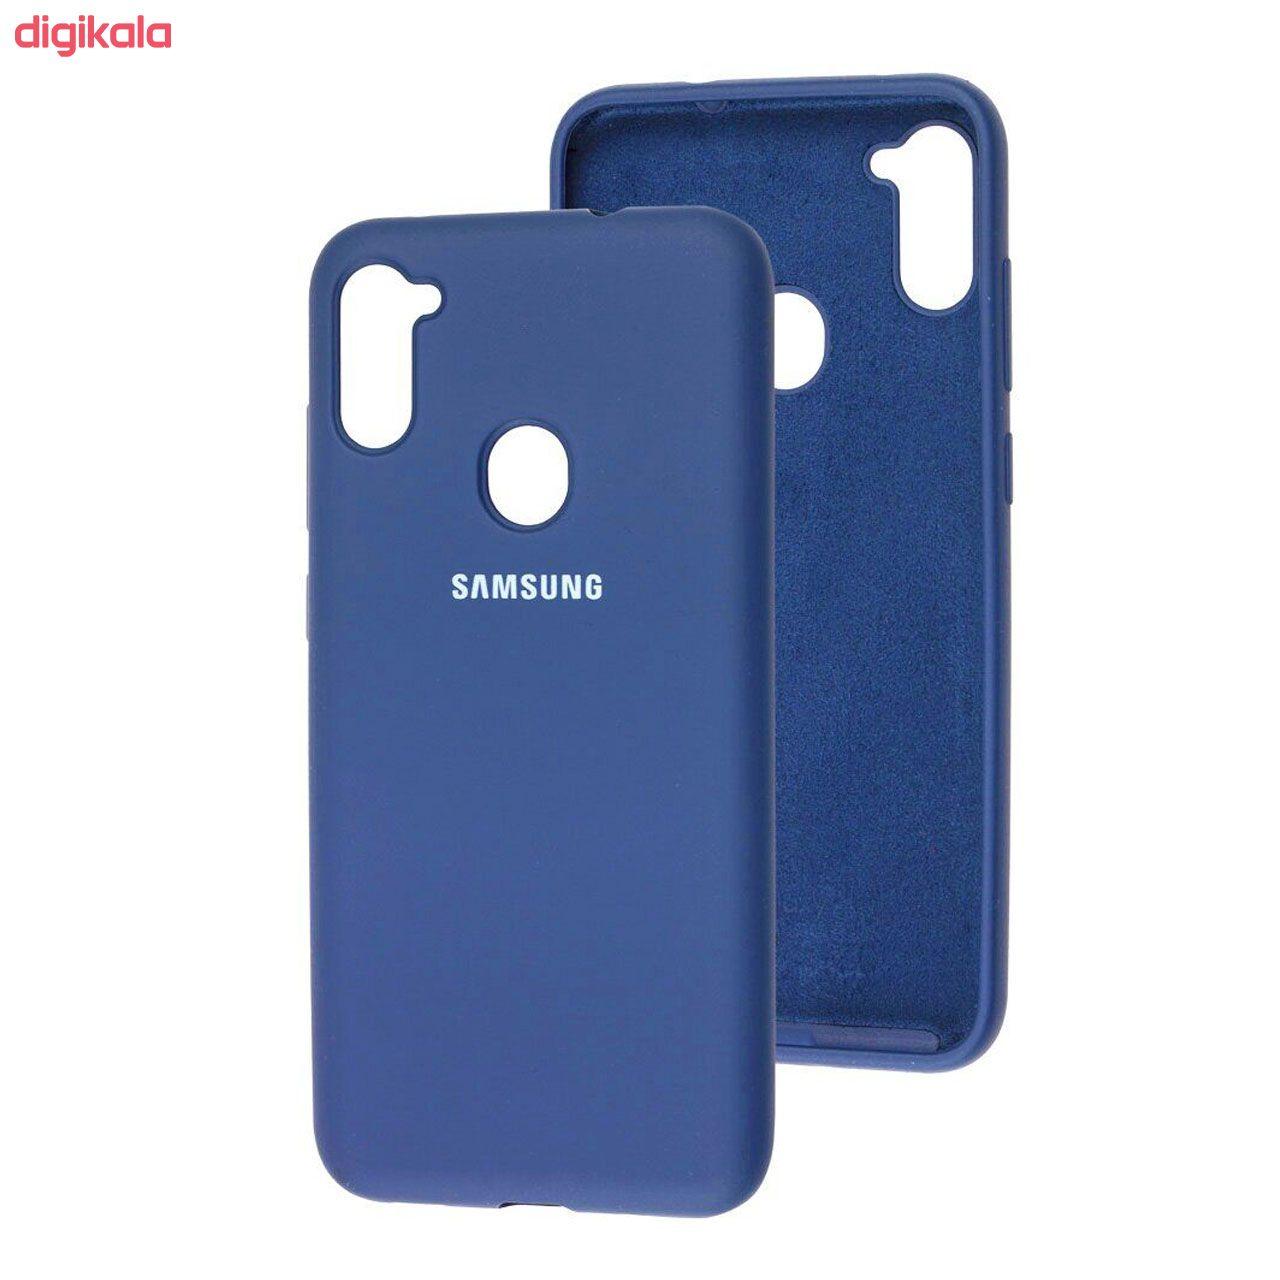 کاور مدل SLCN مناسب برای گوشی موبایل سامسونگ Galaxy A11 main 1 14